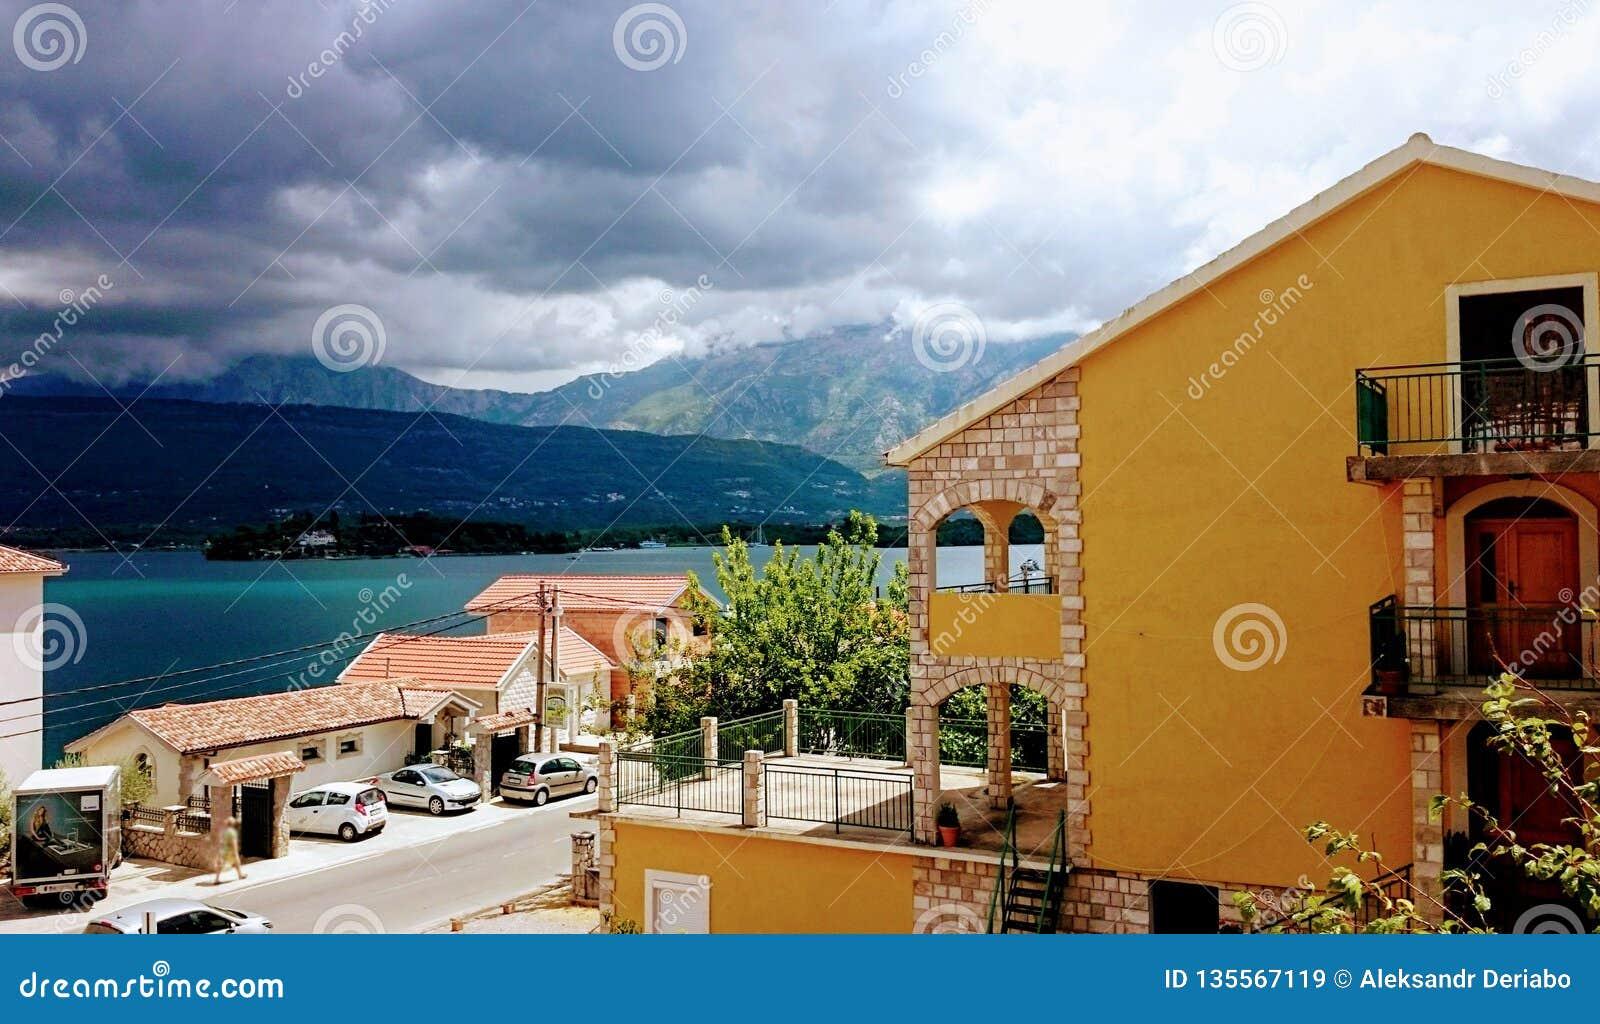 Tivatbaai, Mooi meningslandschap van plattelandshuisje, Montenegro, 26 juli 2017